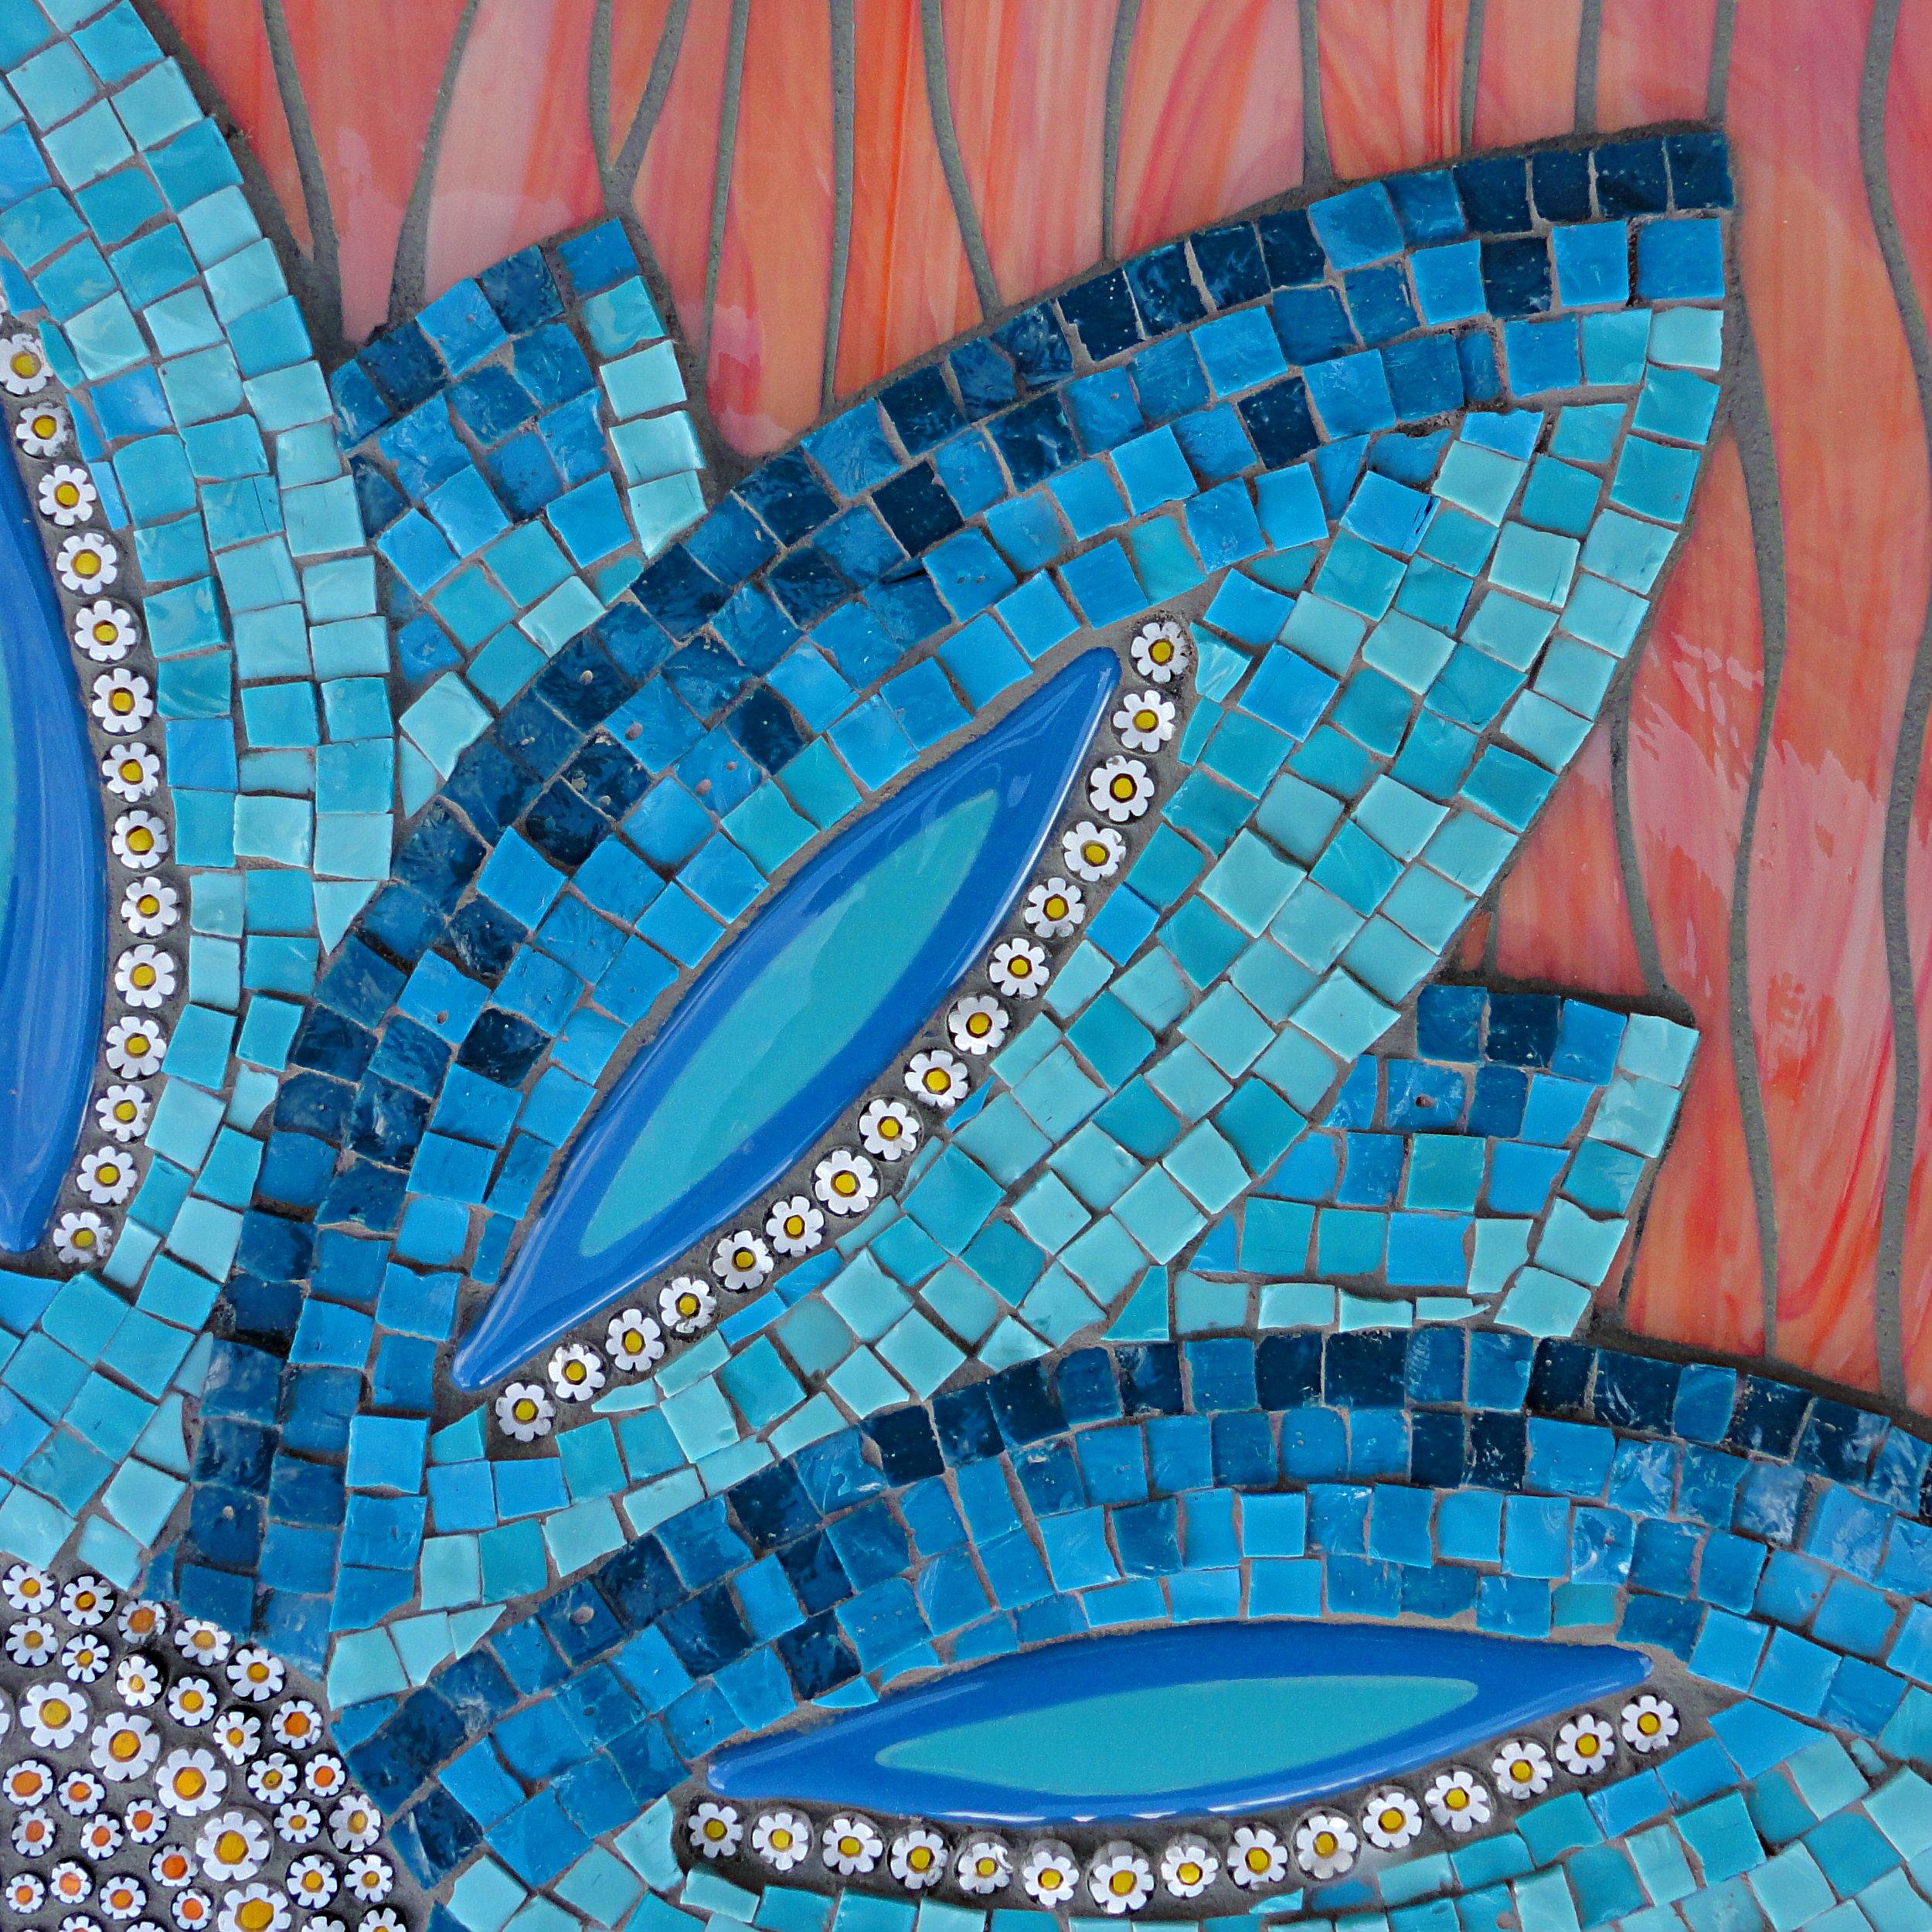 Smalti Flower (Smalti, Millefiori, Stained Glass, Glass Fusions)